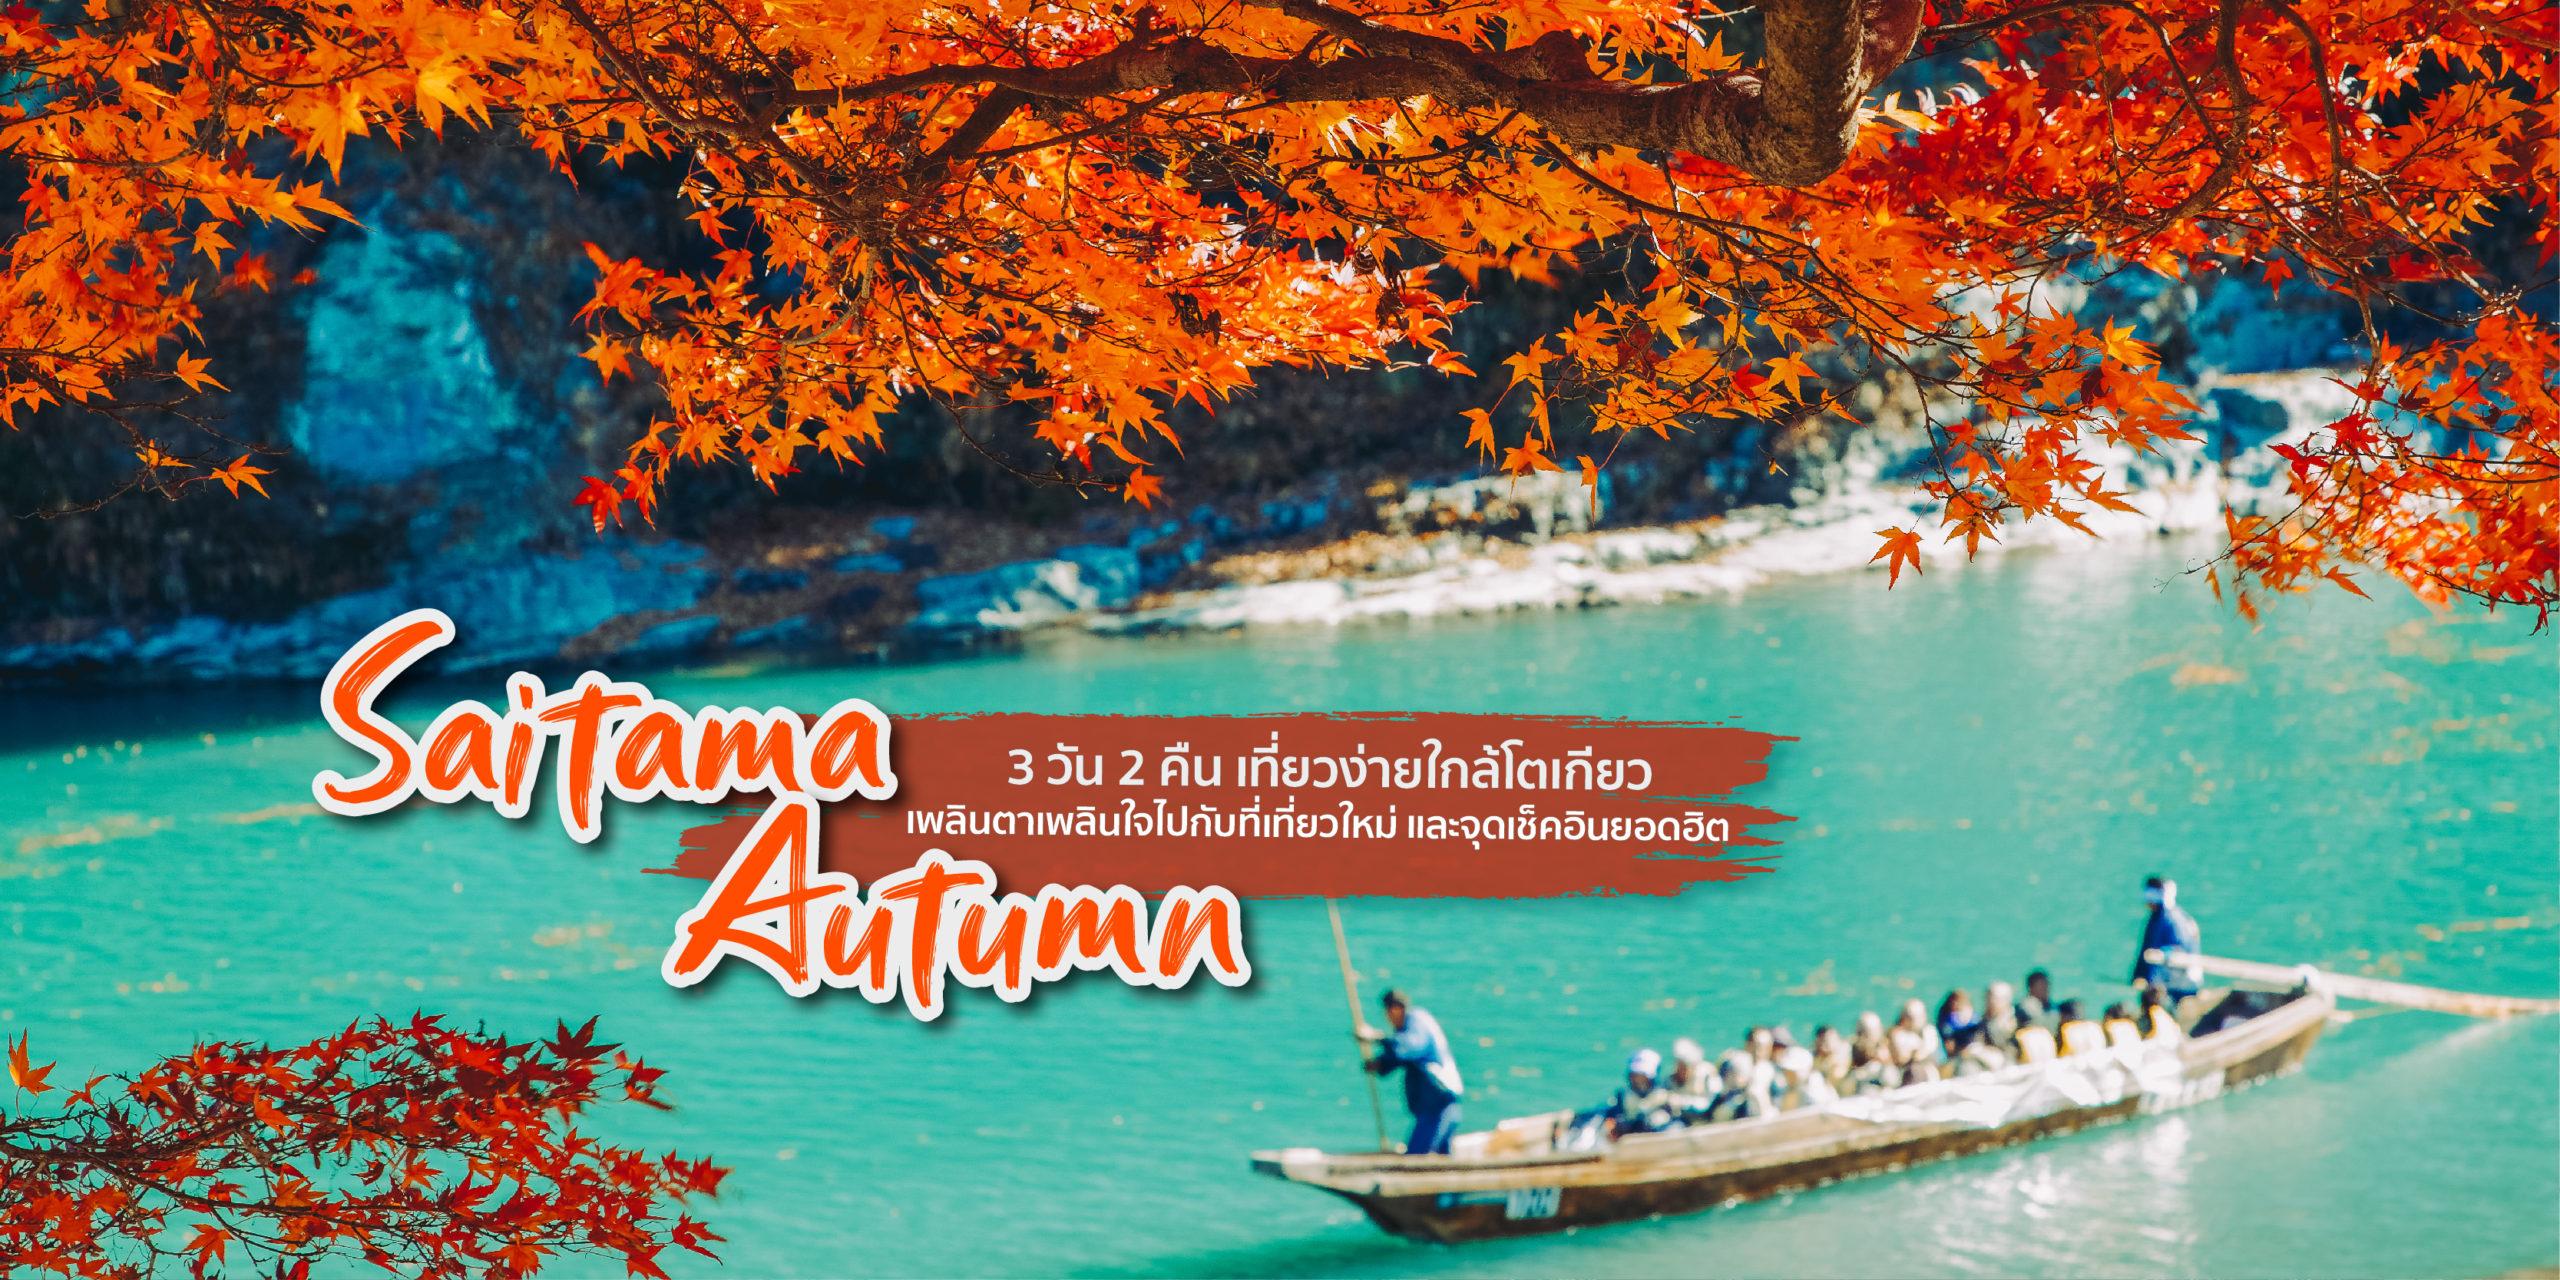 เที่ยวจ.ไซตามะ (Saitama) ฤดูใบไม้ร่วง